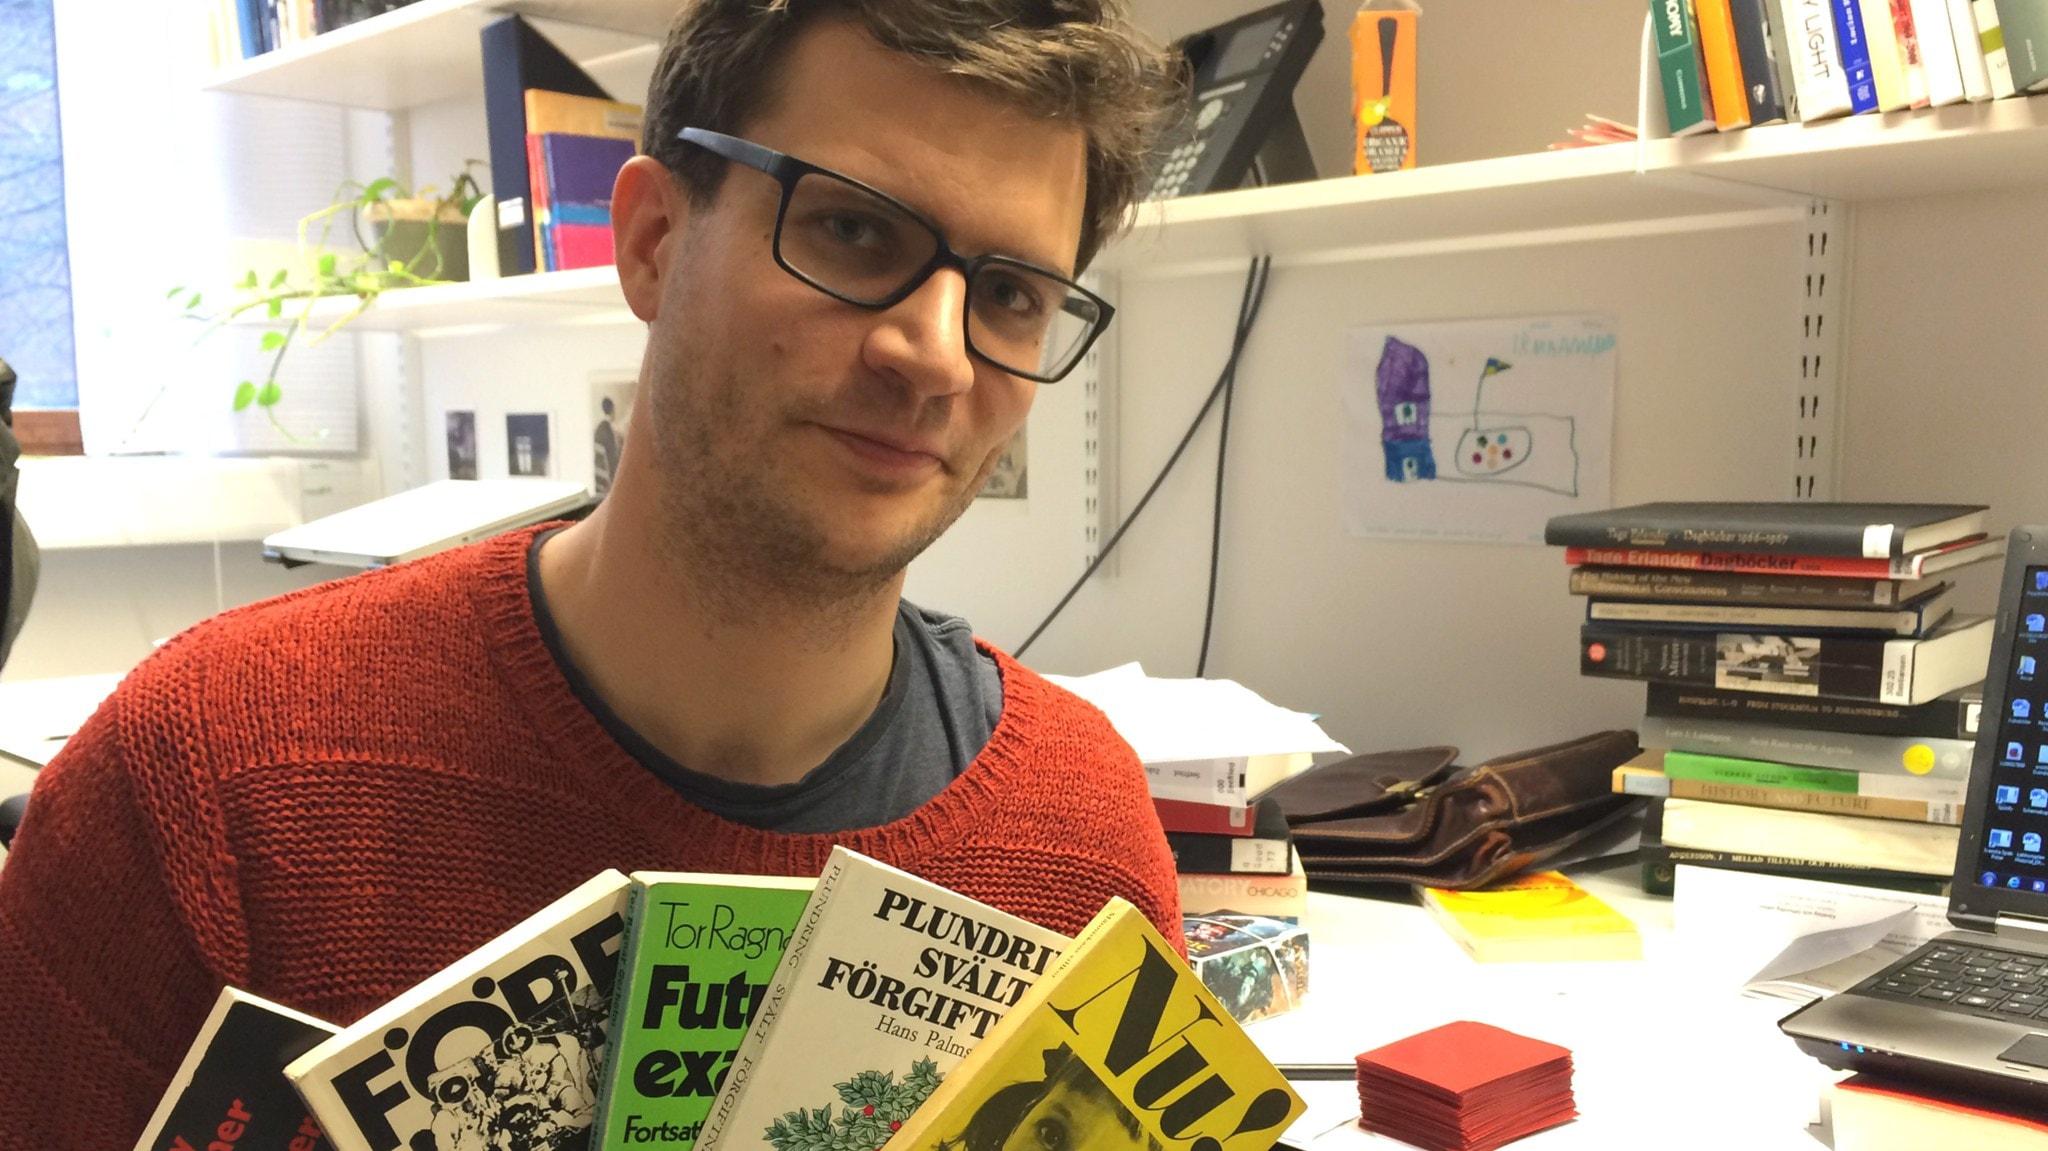 Historiker David Larsson Heidenblad avslöjar miljöfrågans genombrott